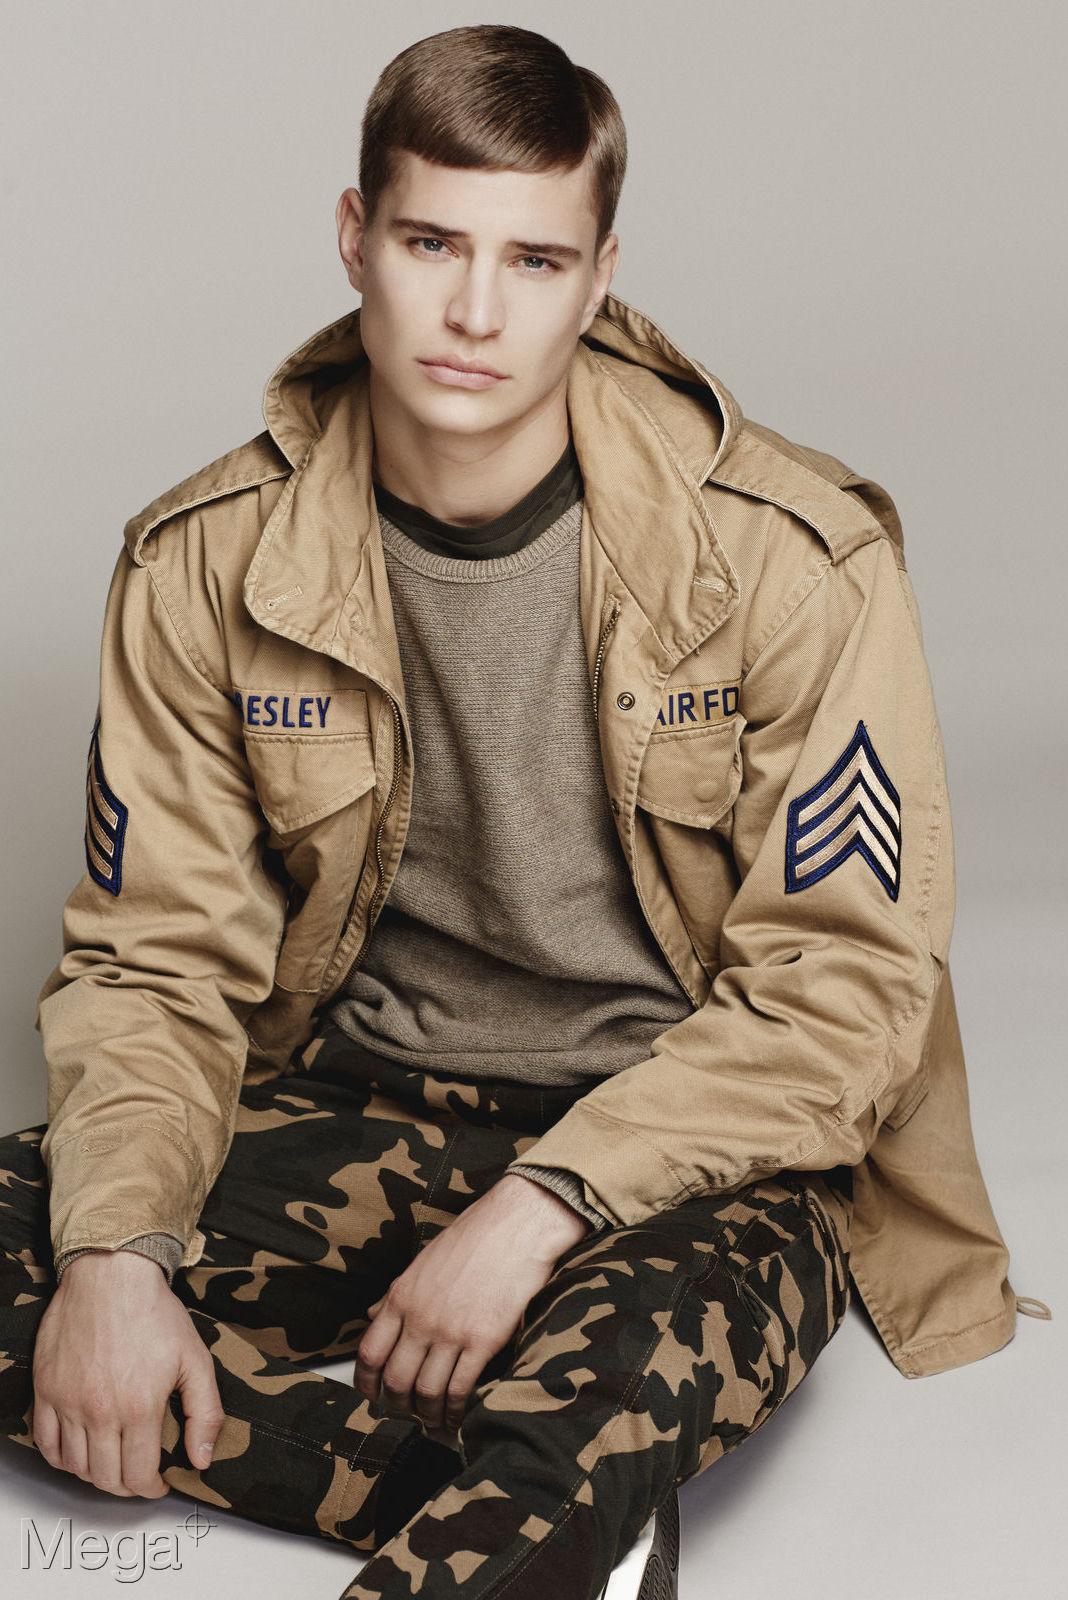 Christian K Mega Model Agency